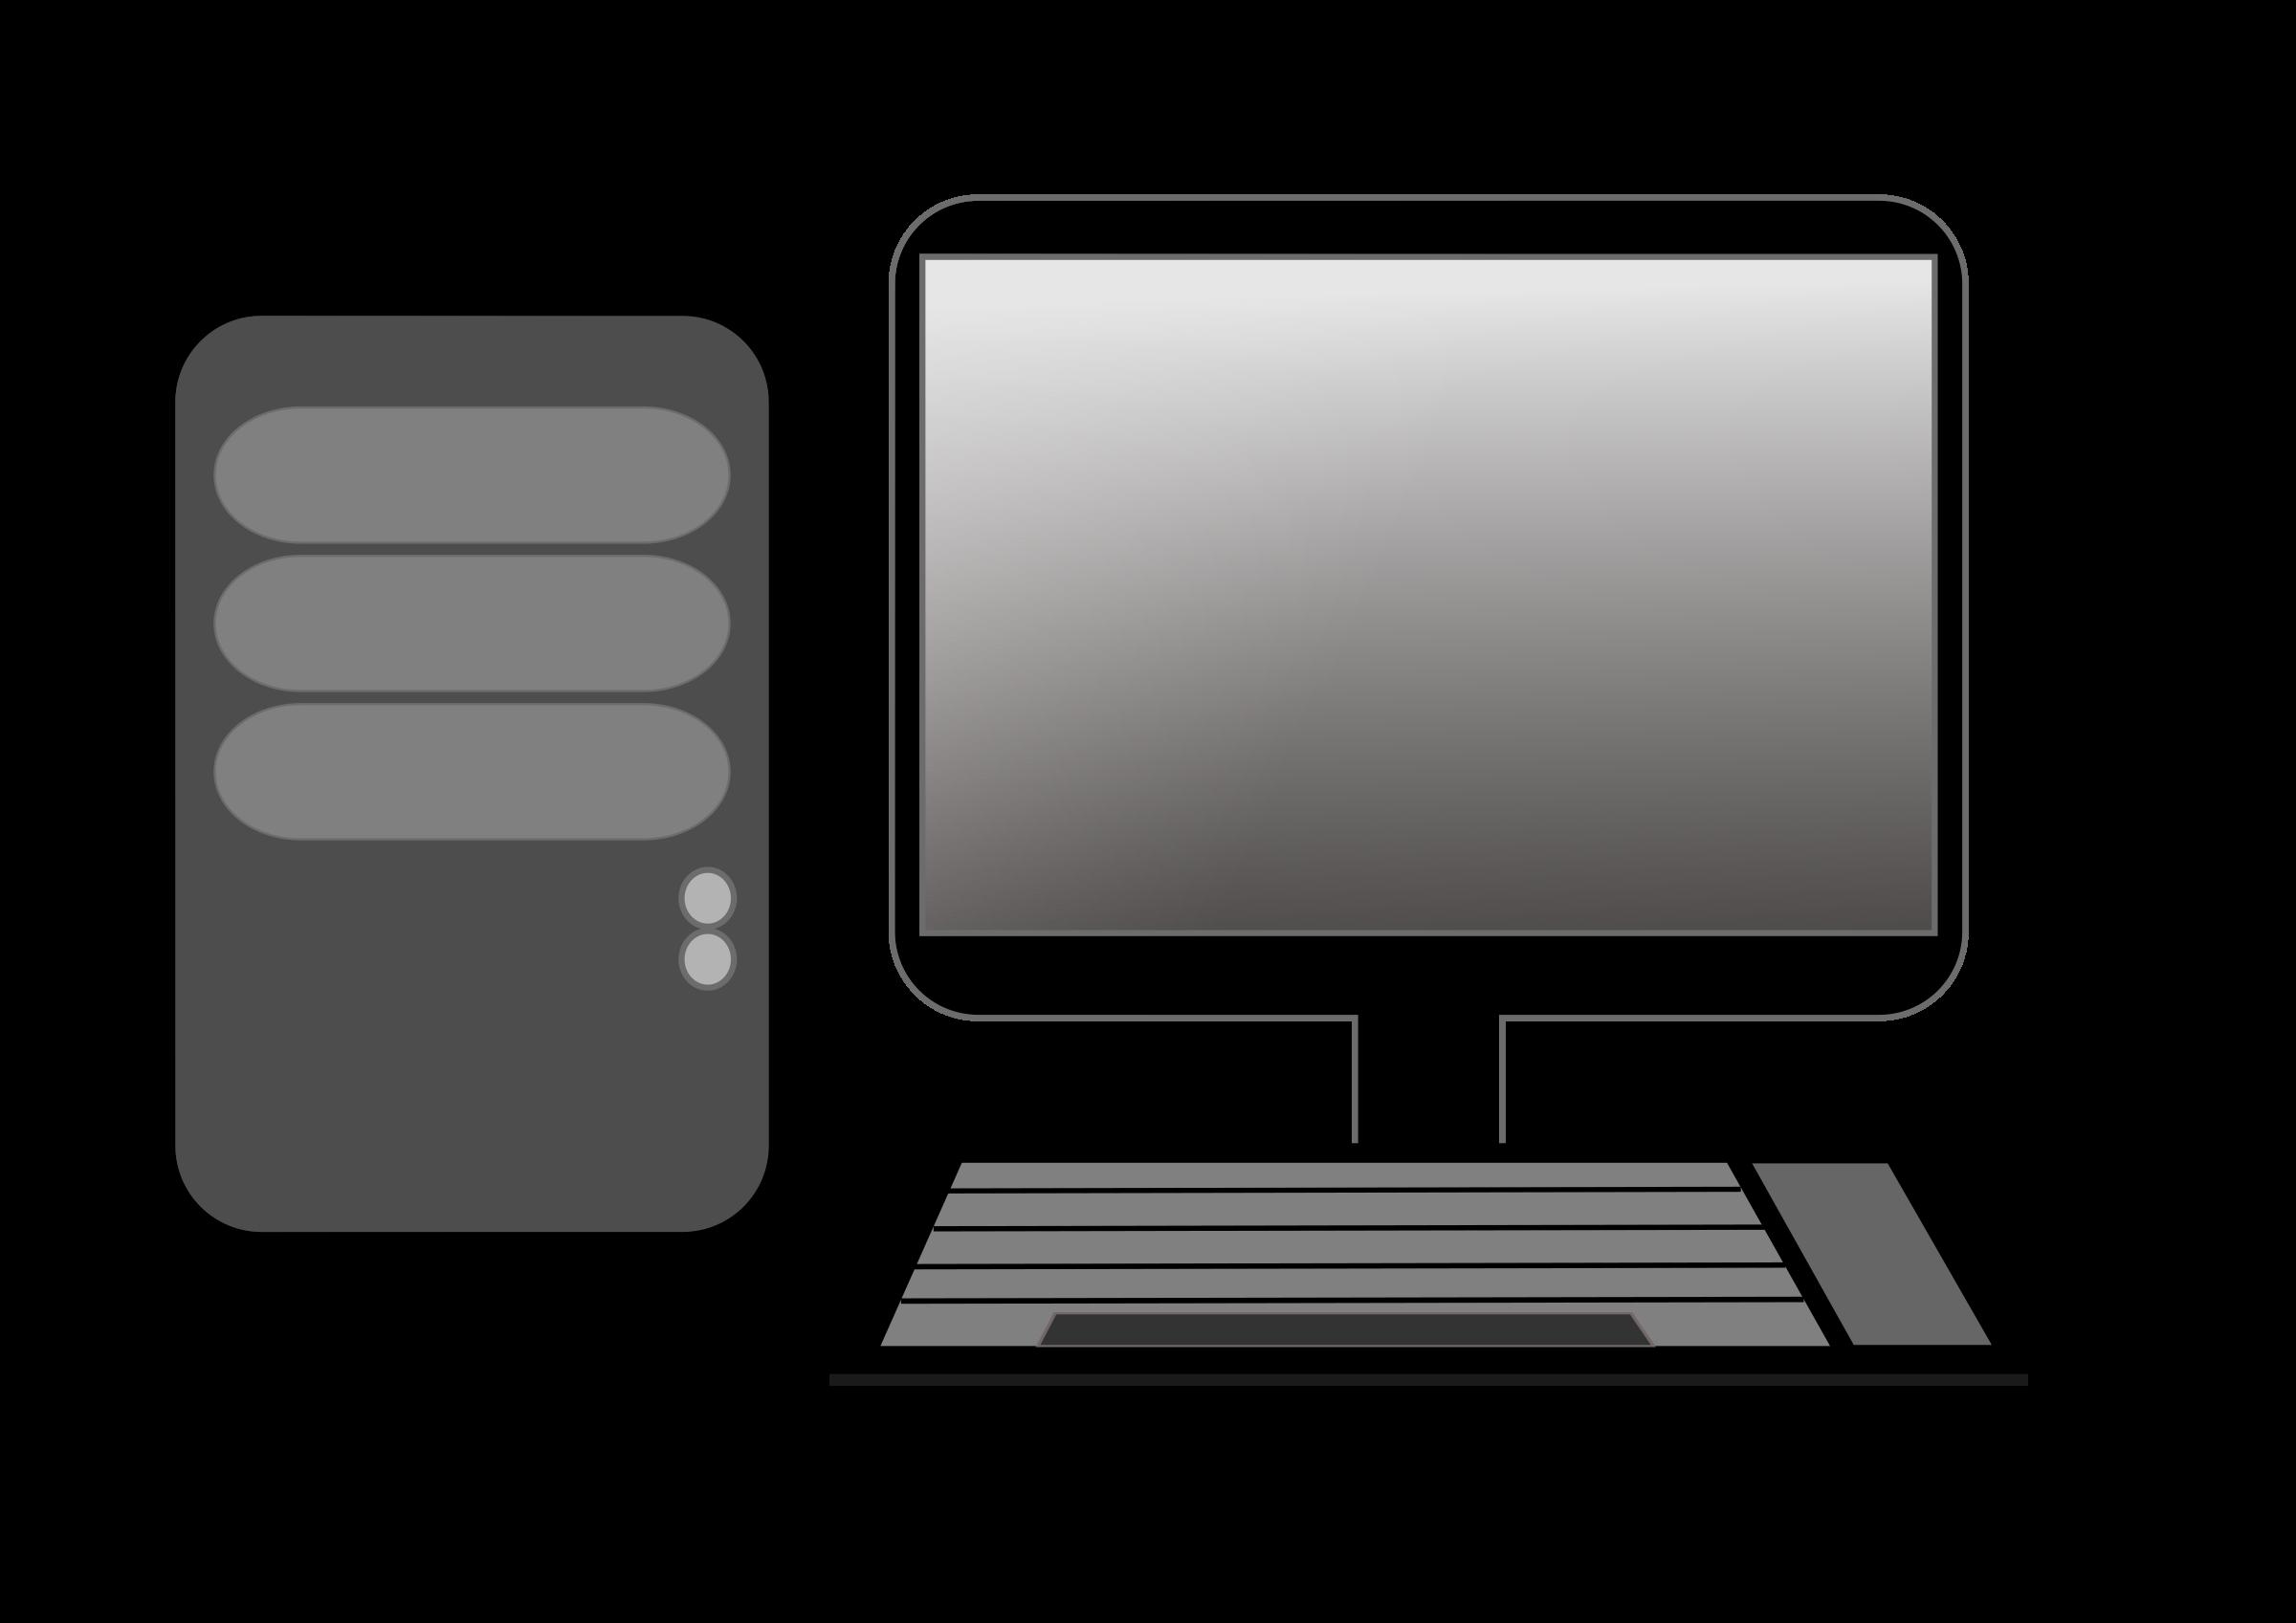 Laptop desktop computers personal. Pc clipart basic computer